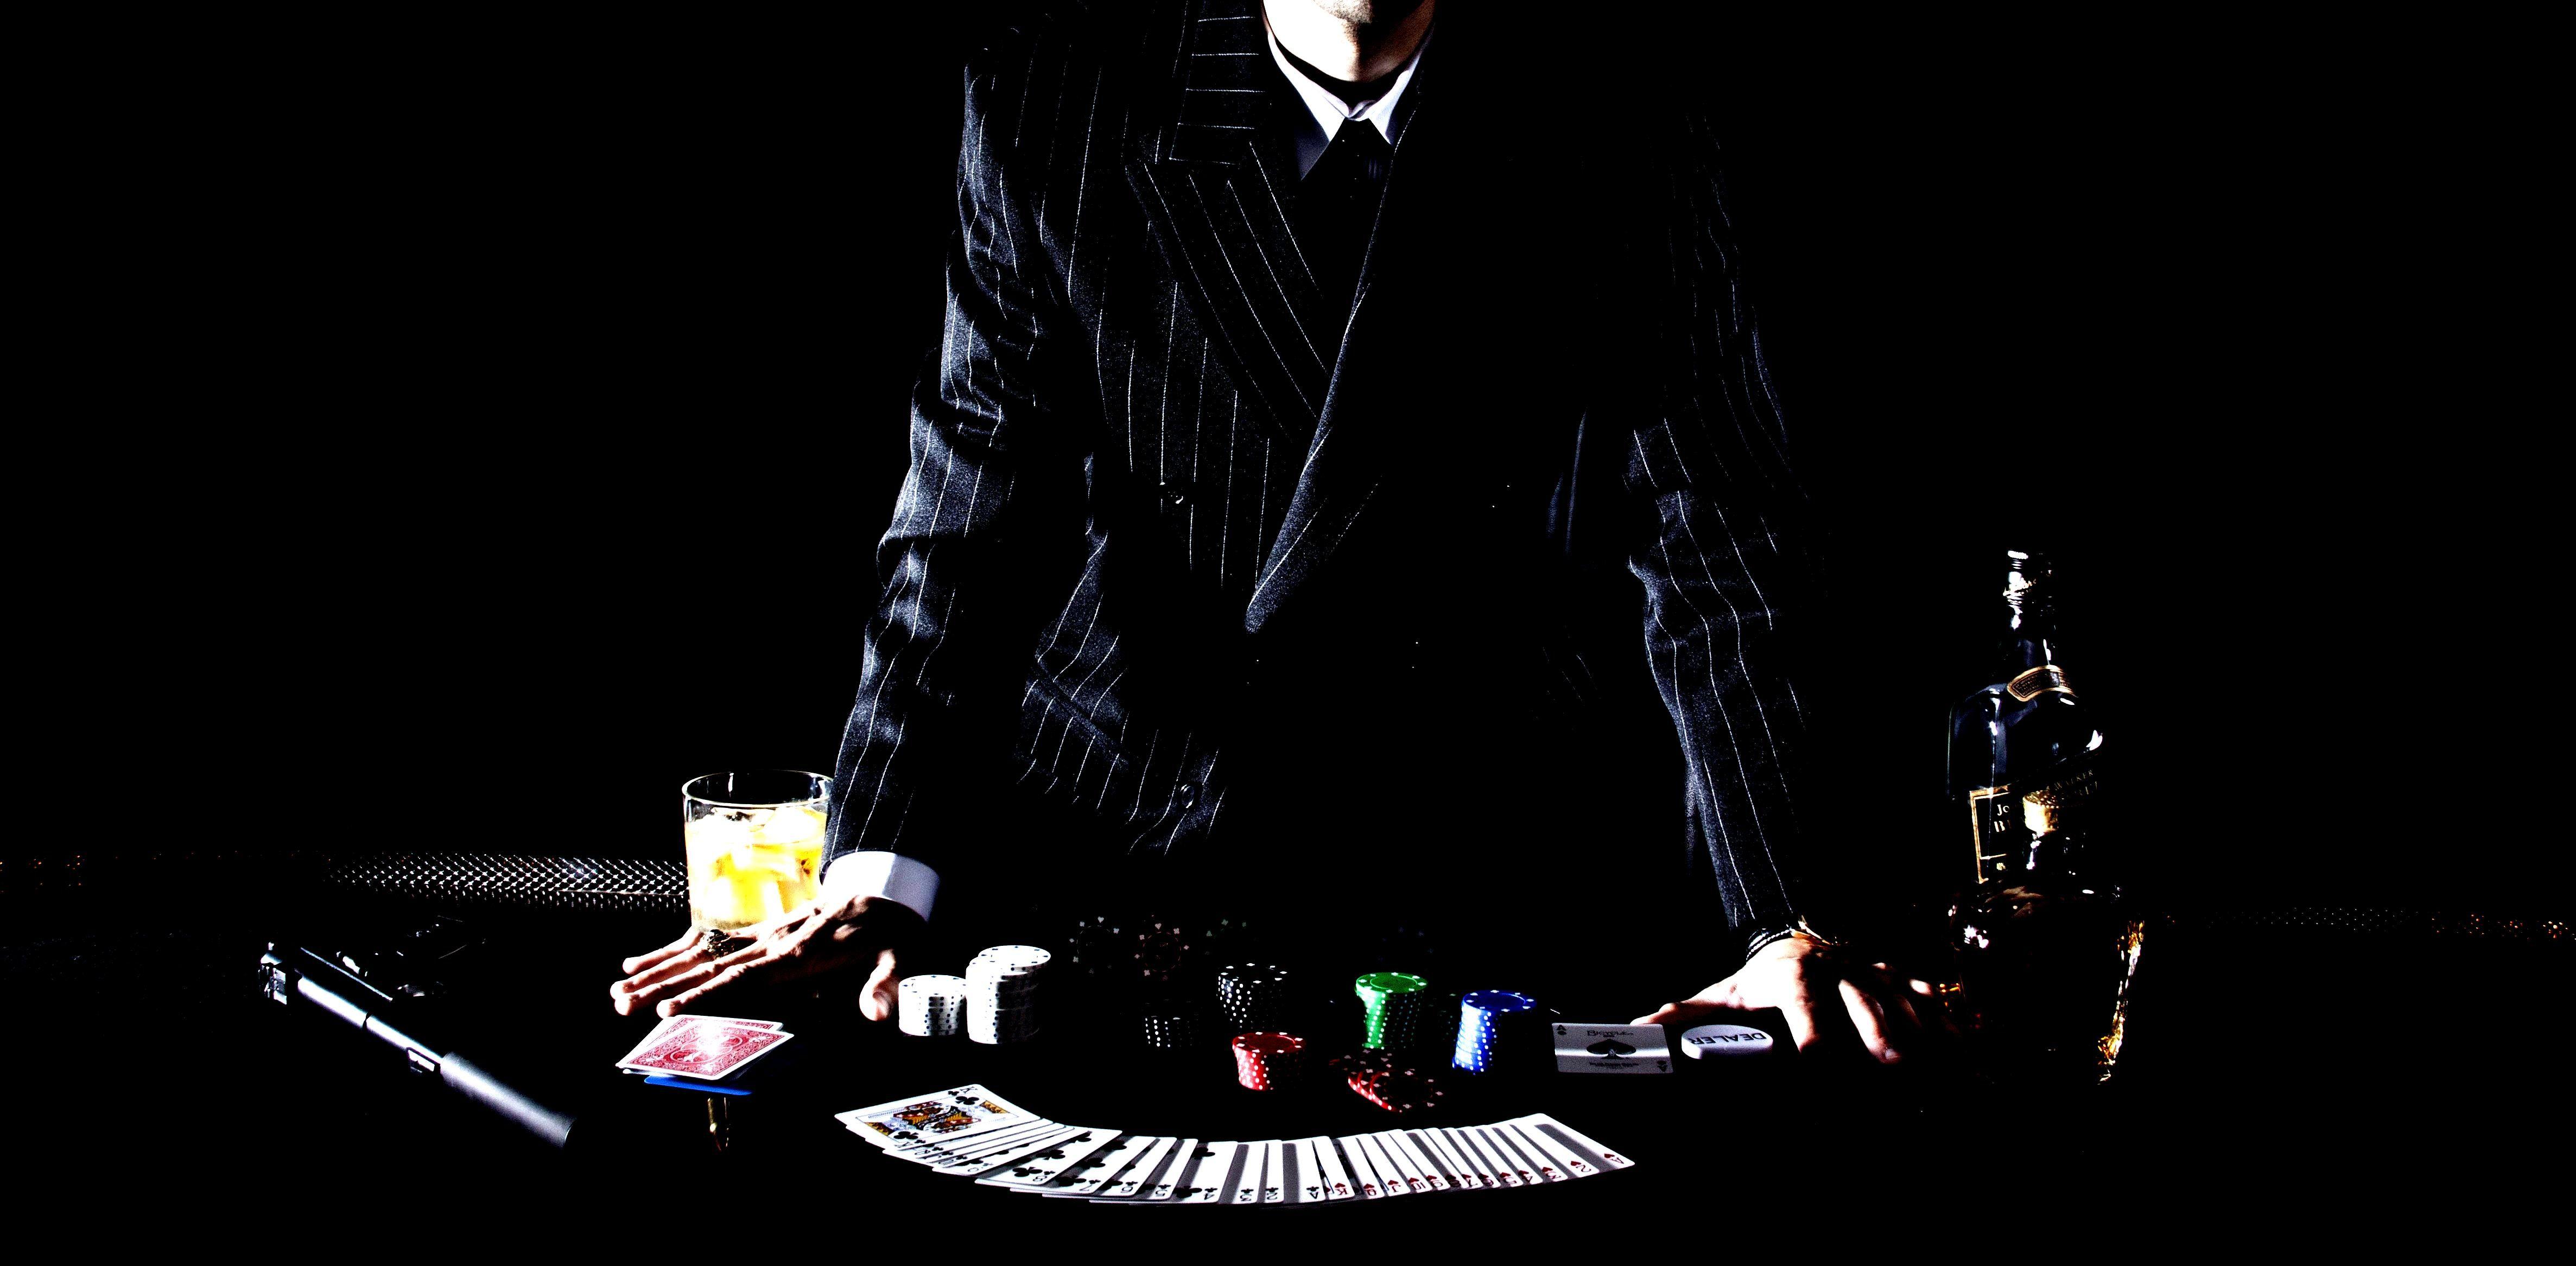 Poker wallpaper hd free download hd wallpapers poker - Poker wallpaper ...